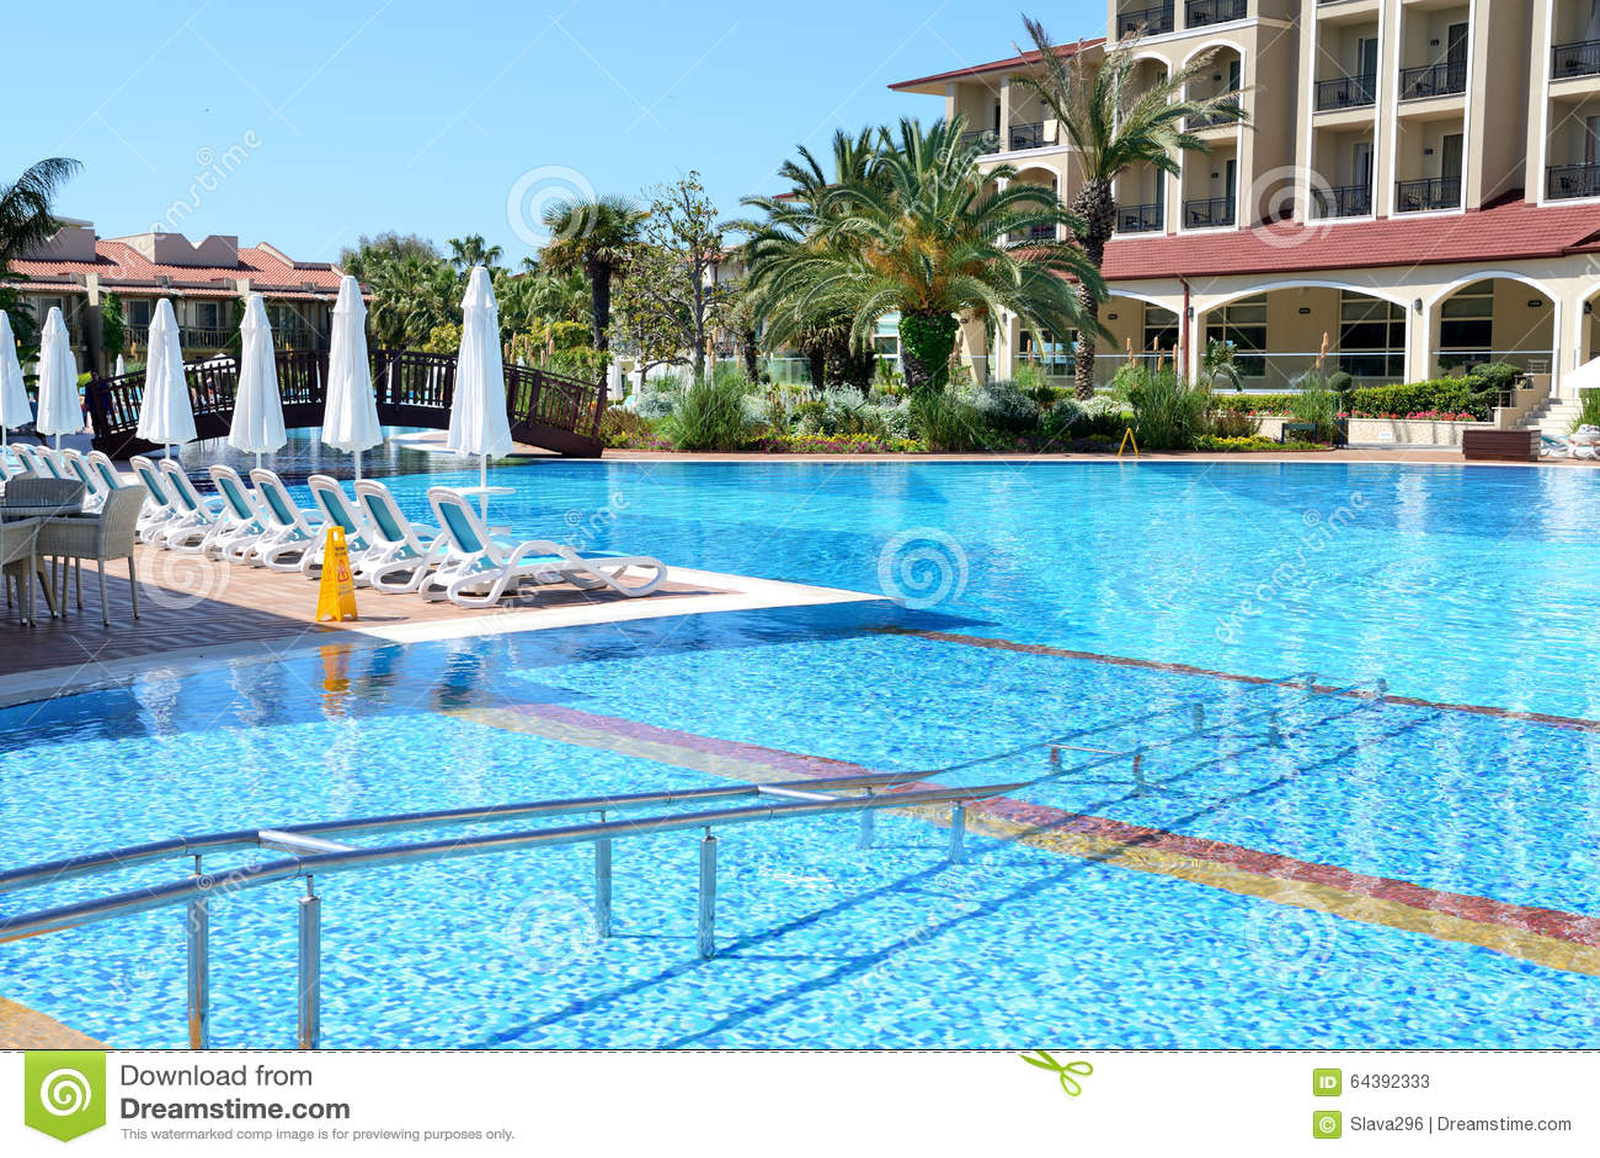 Zwembad met ingang voor gehandicapten bij luxehotel stock afbeelding afbeelding 64392333 - Zwembad met strand ...